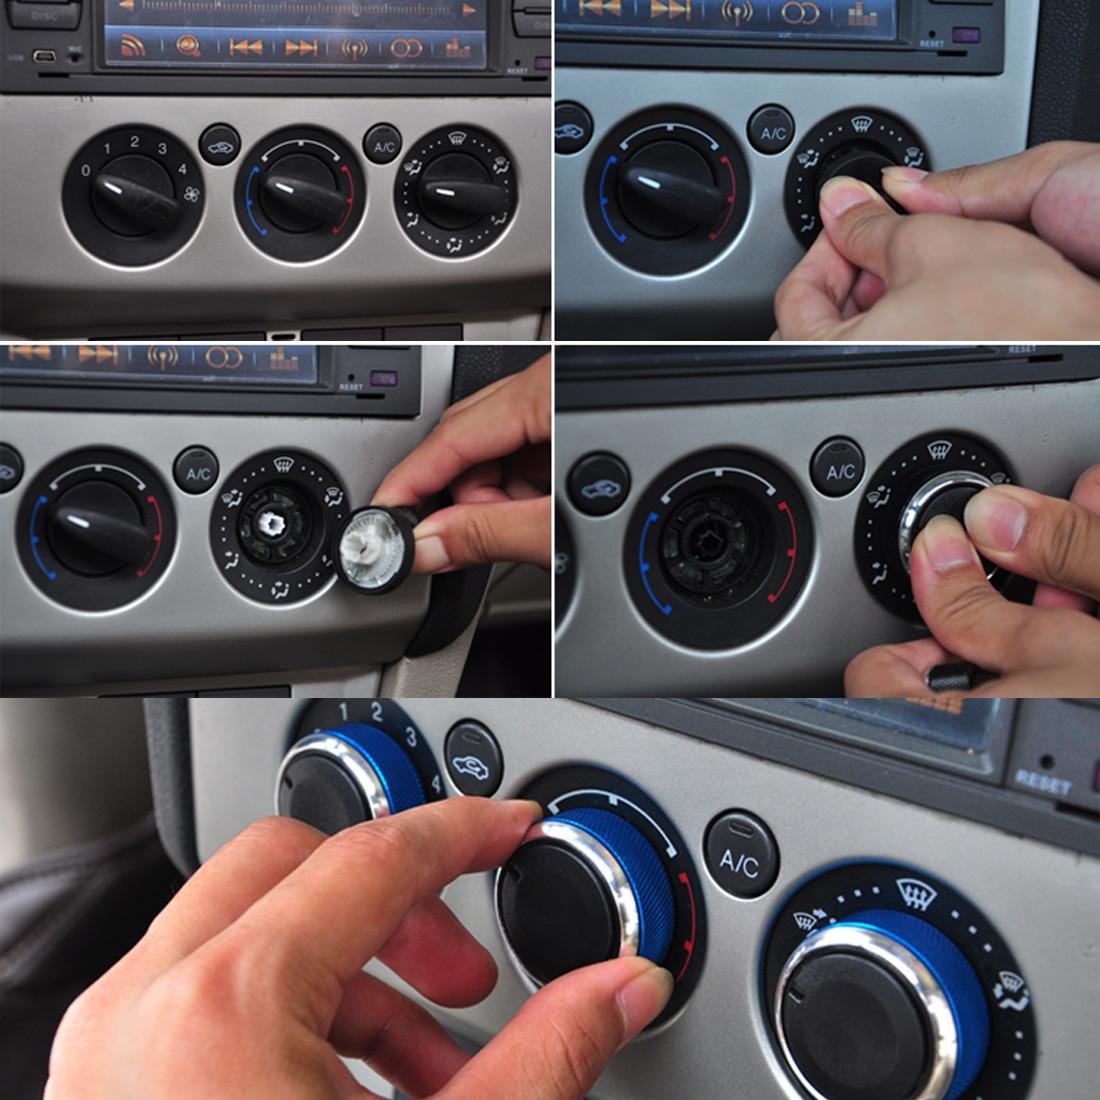 Dewtreetali 3 ピース/ロットフォードフォーカスモンデオエアコン空調スイッチ AC ノブカー熱制御のため 2 フォーカス 3